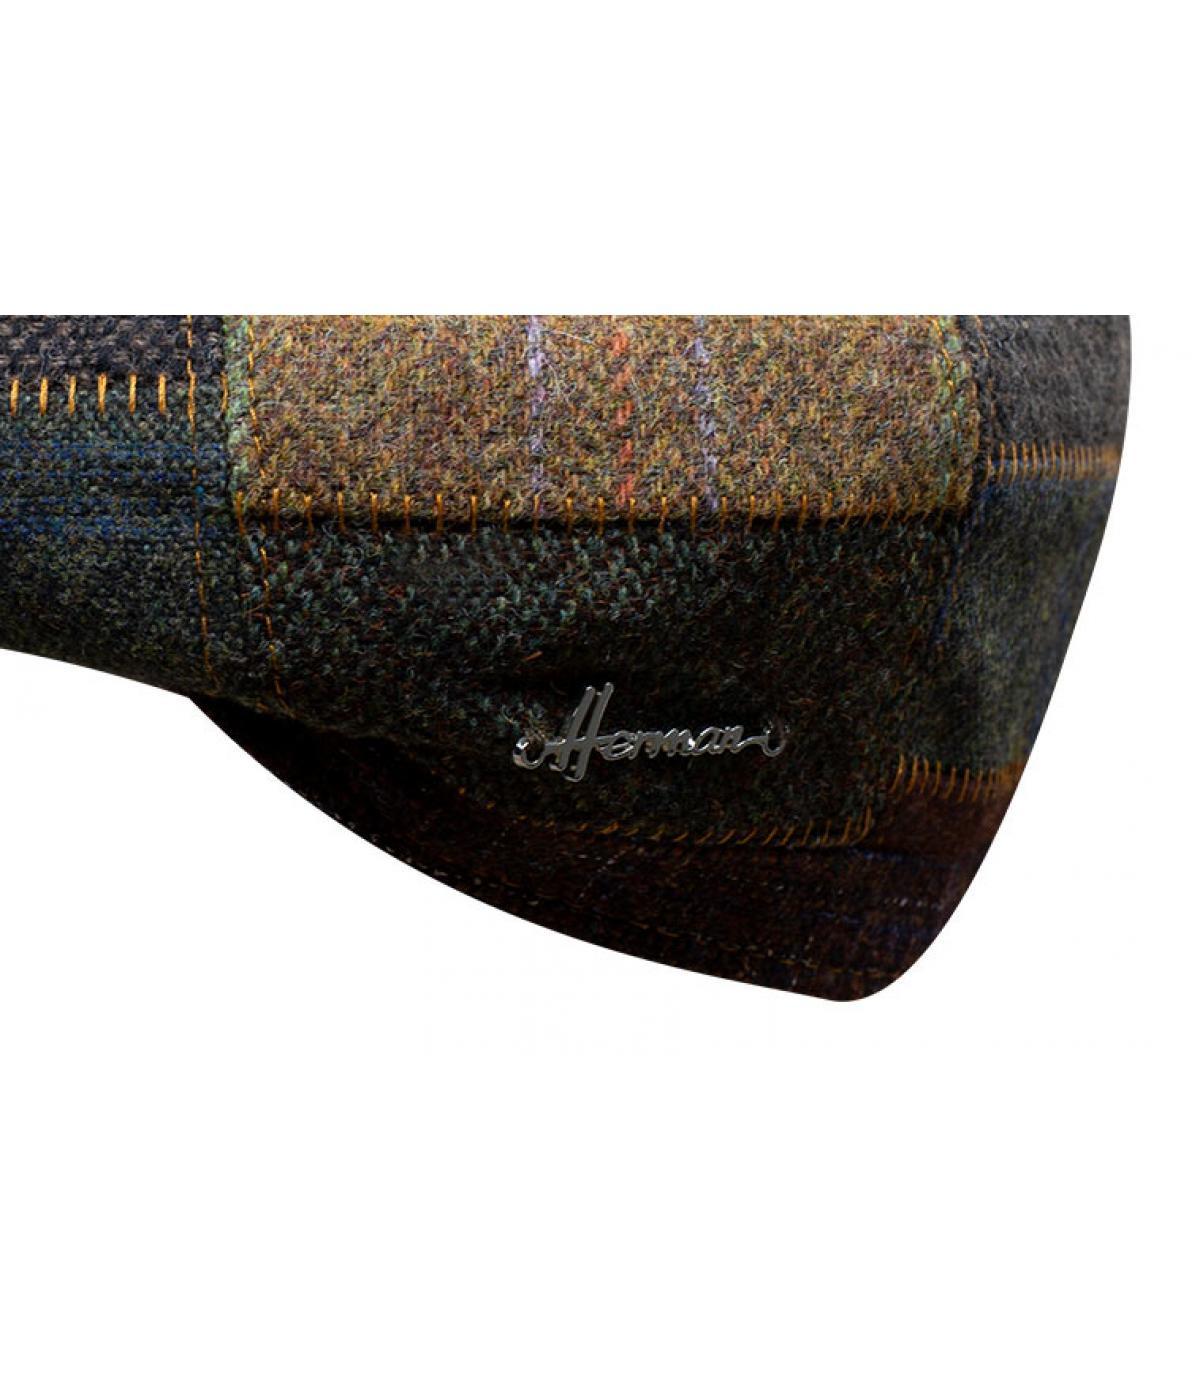 Details Alboran Patchwork brown - Abbildung 3